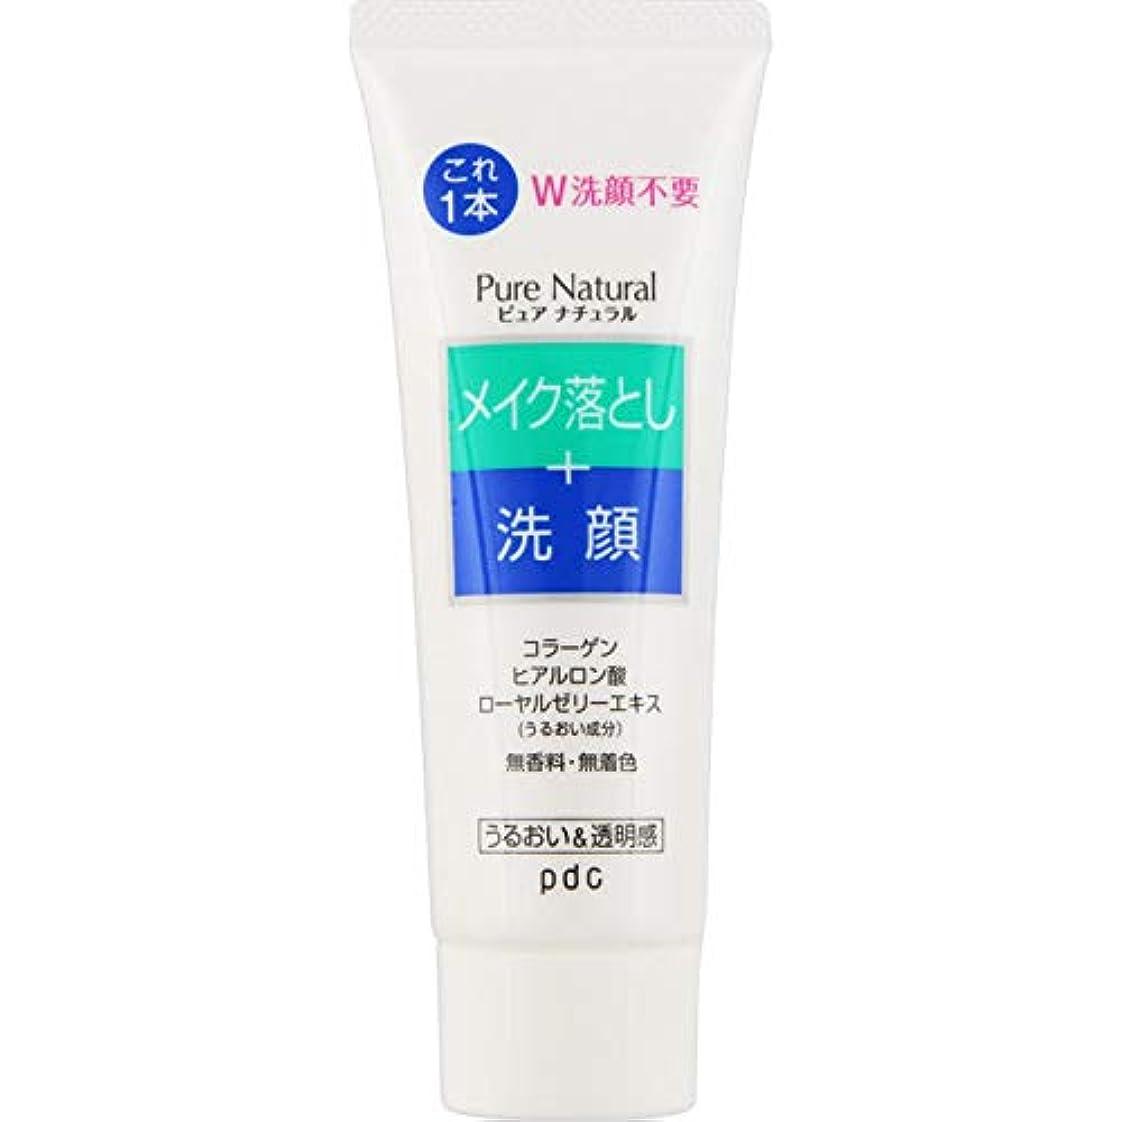 中で消毒する腹ポーラデイリーコスメ ピュア ナチュラル クレンジング洗顔(ミニサイズ) 70g